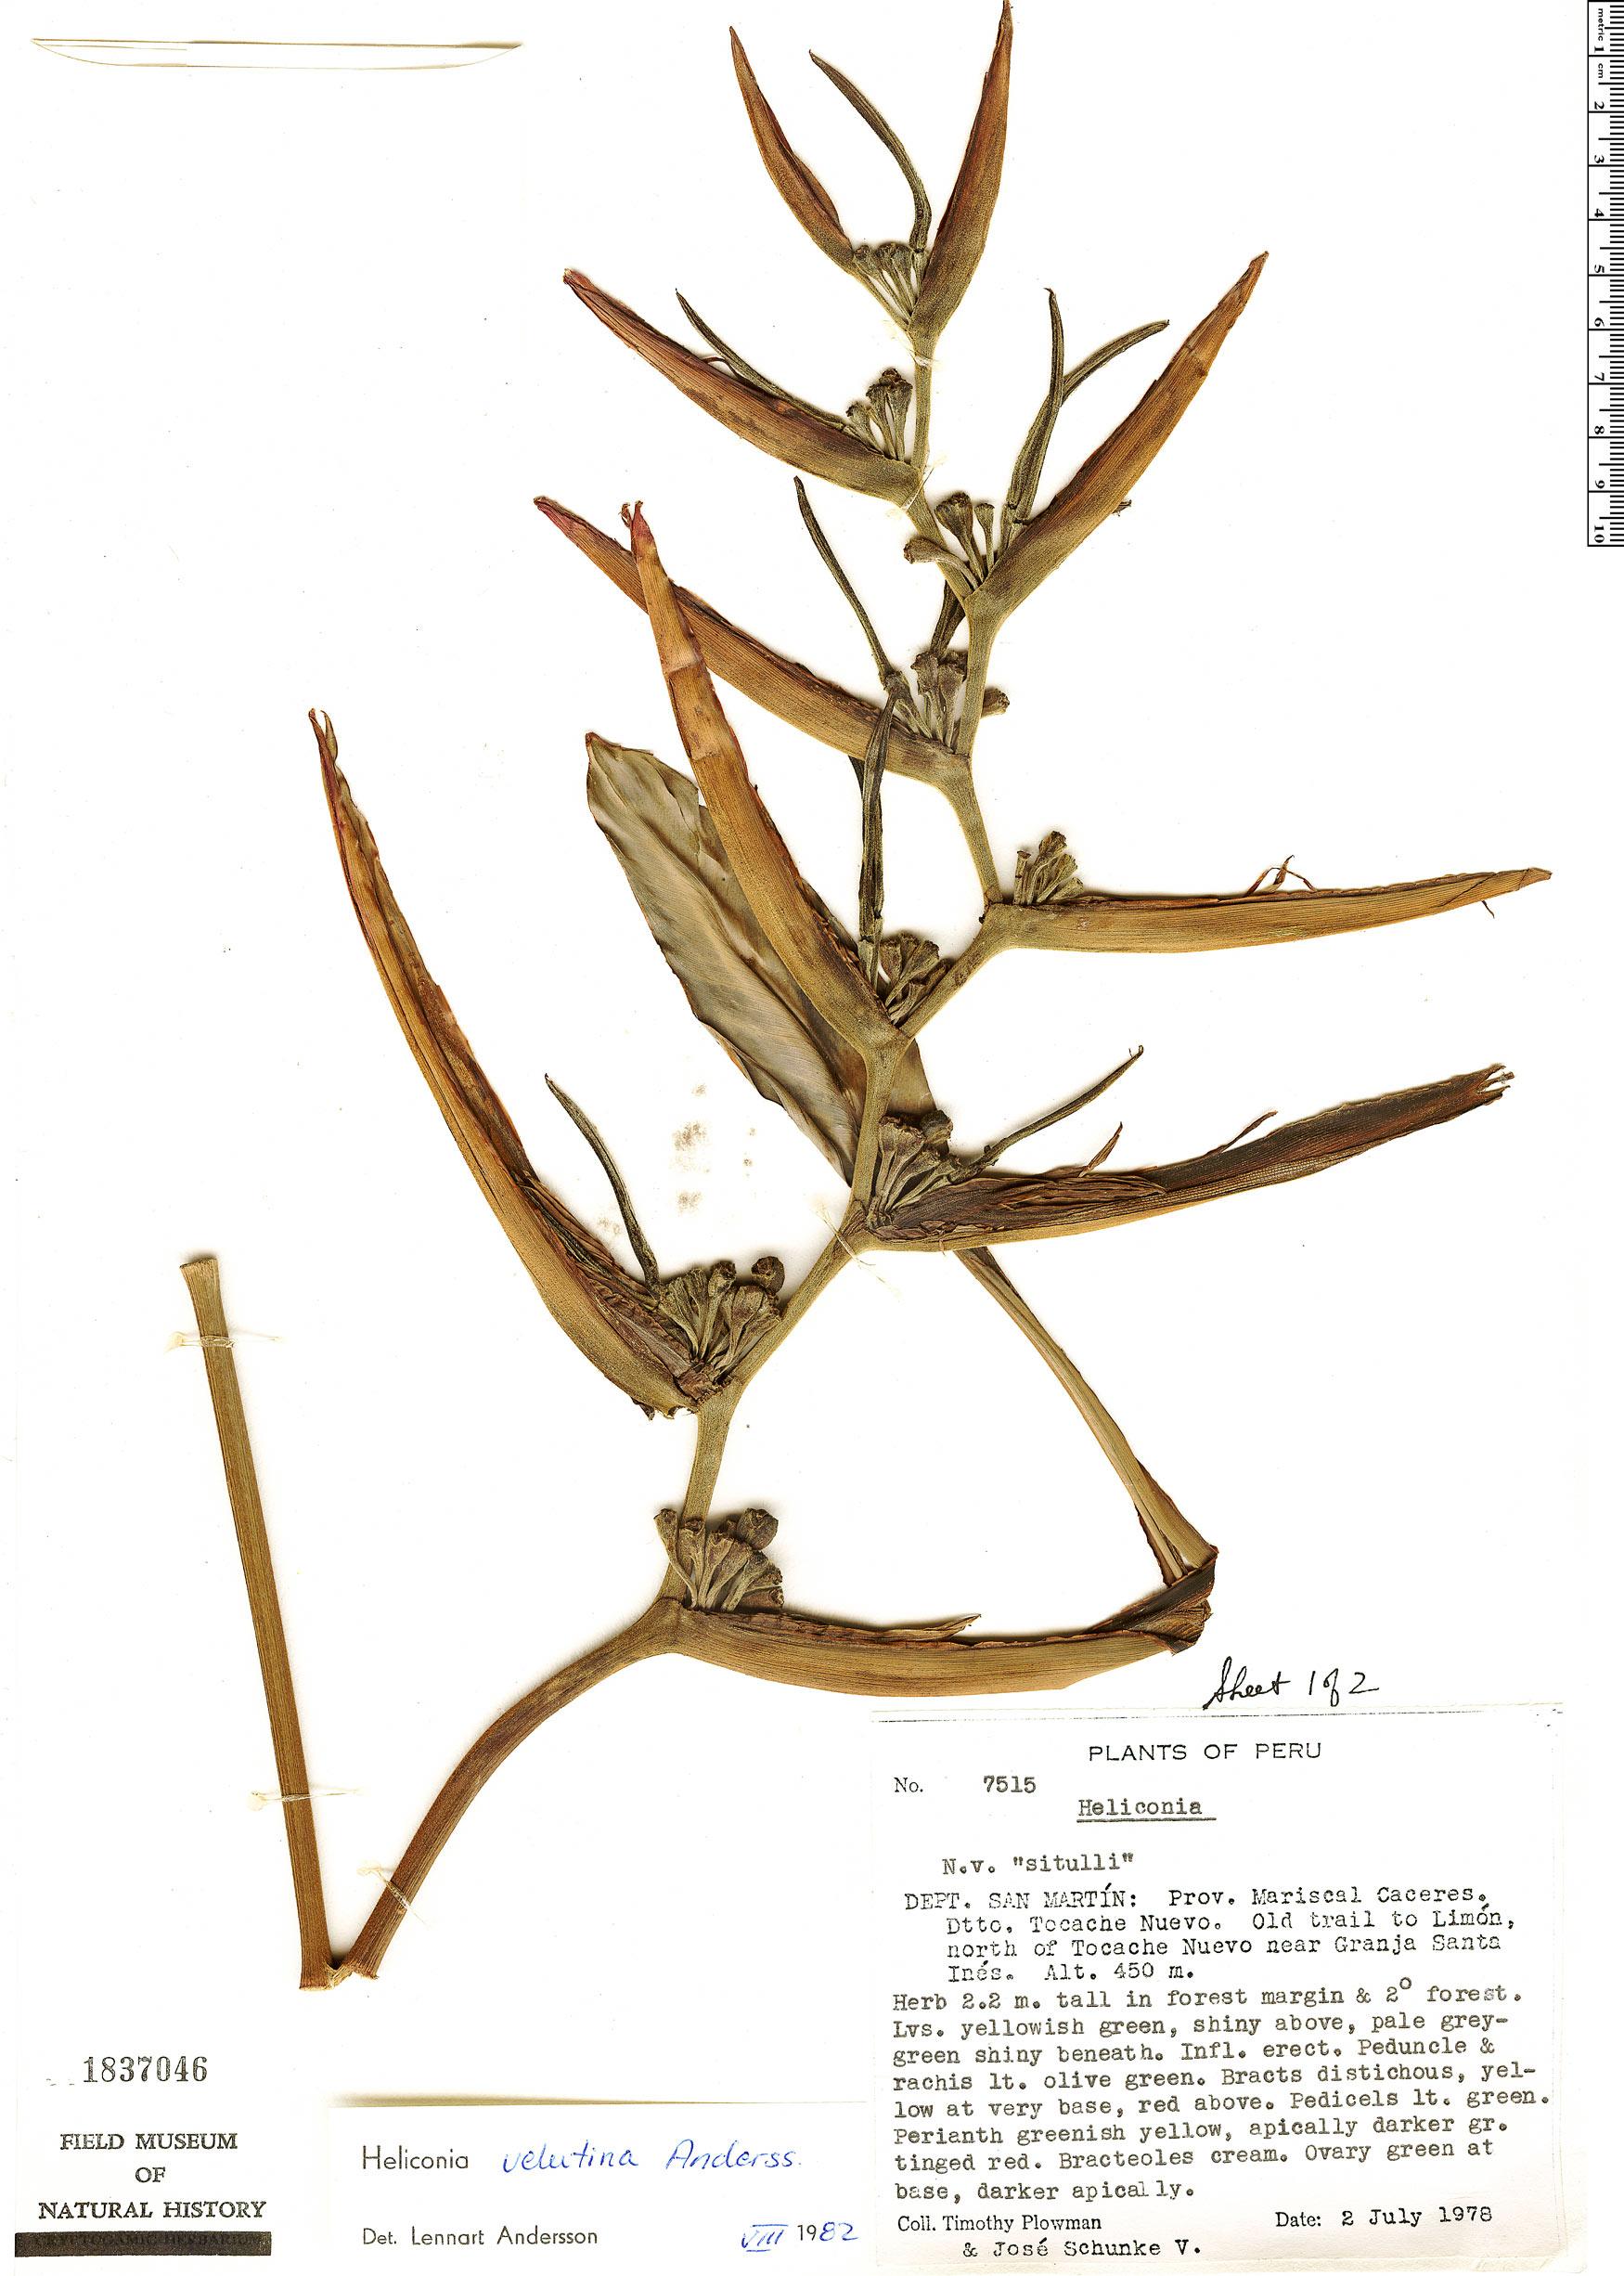 Specimen: Heliconia velutina